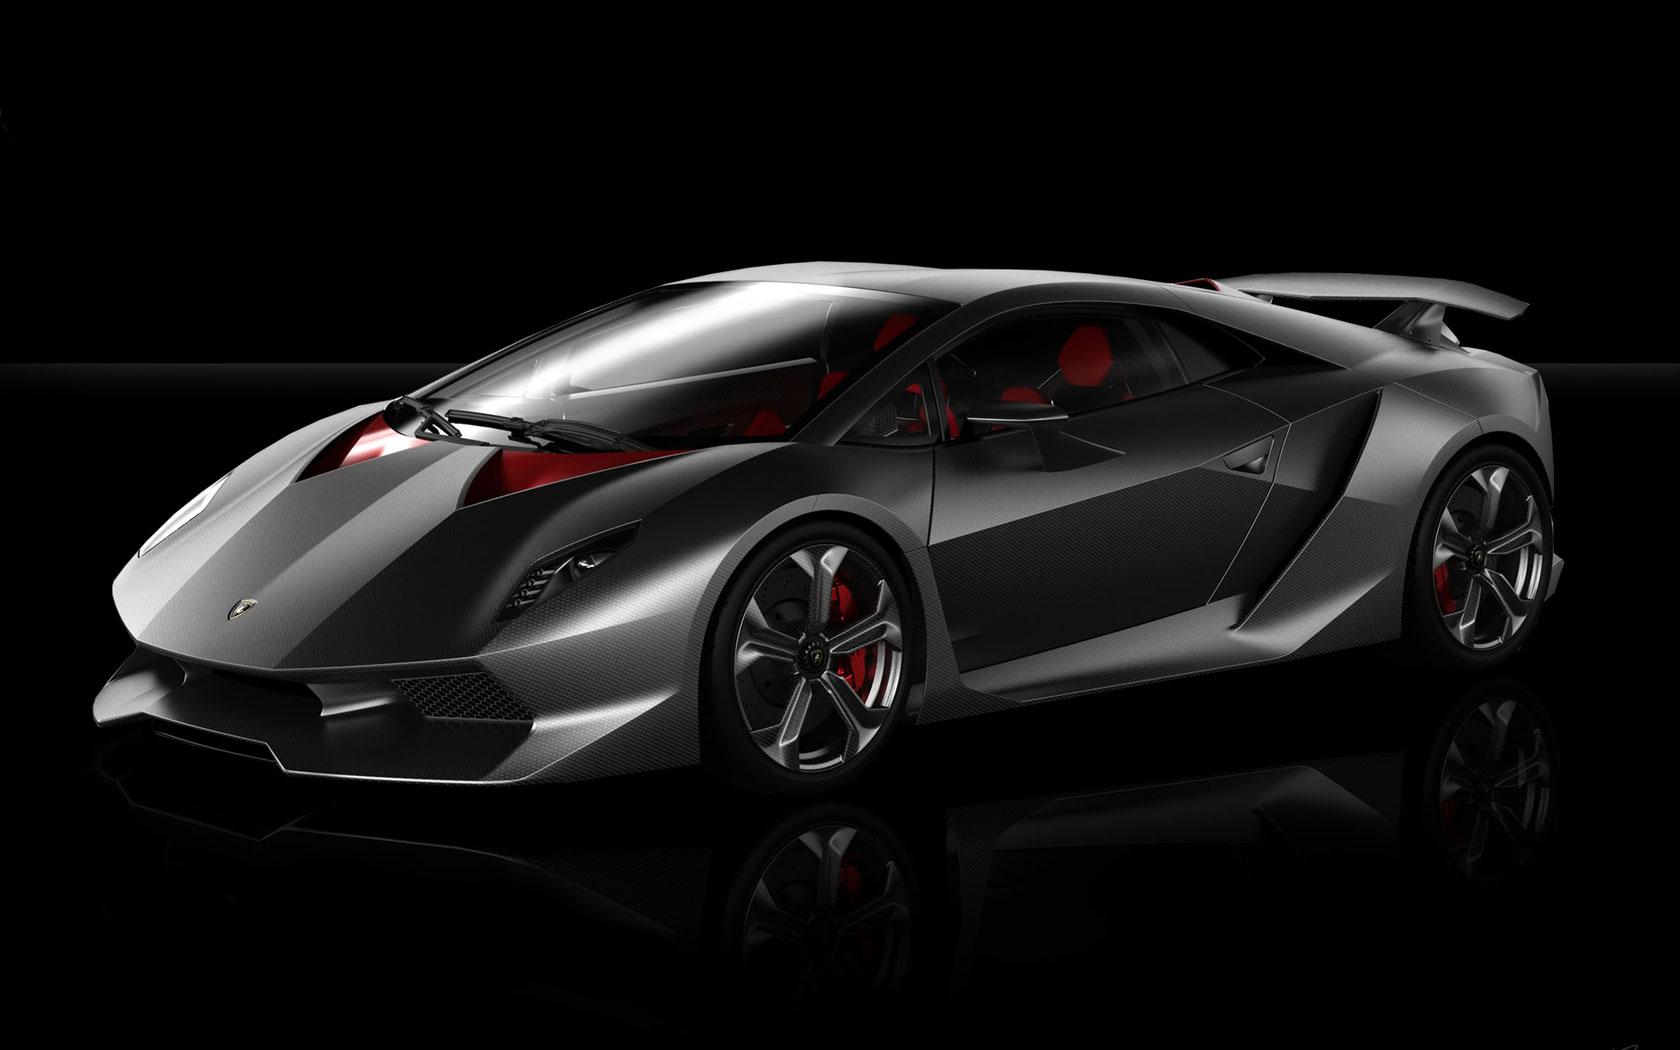 Concept Cars – Alles nur Show & Shine?